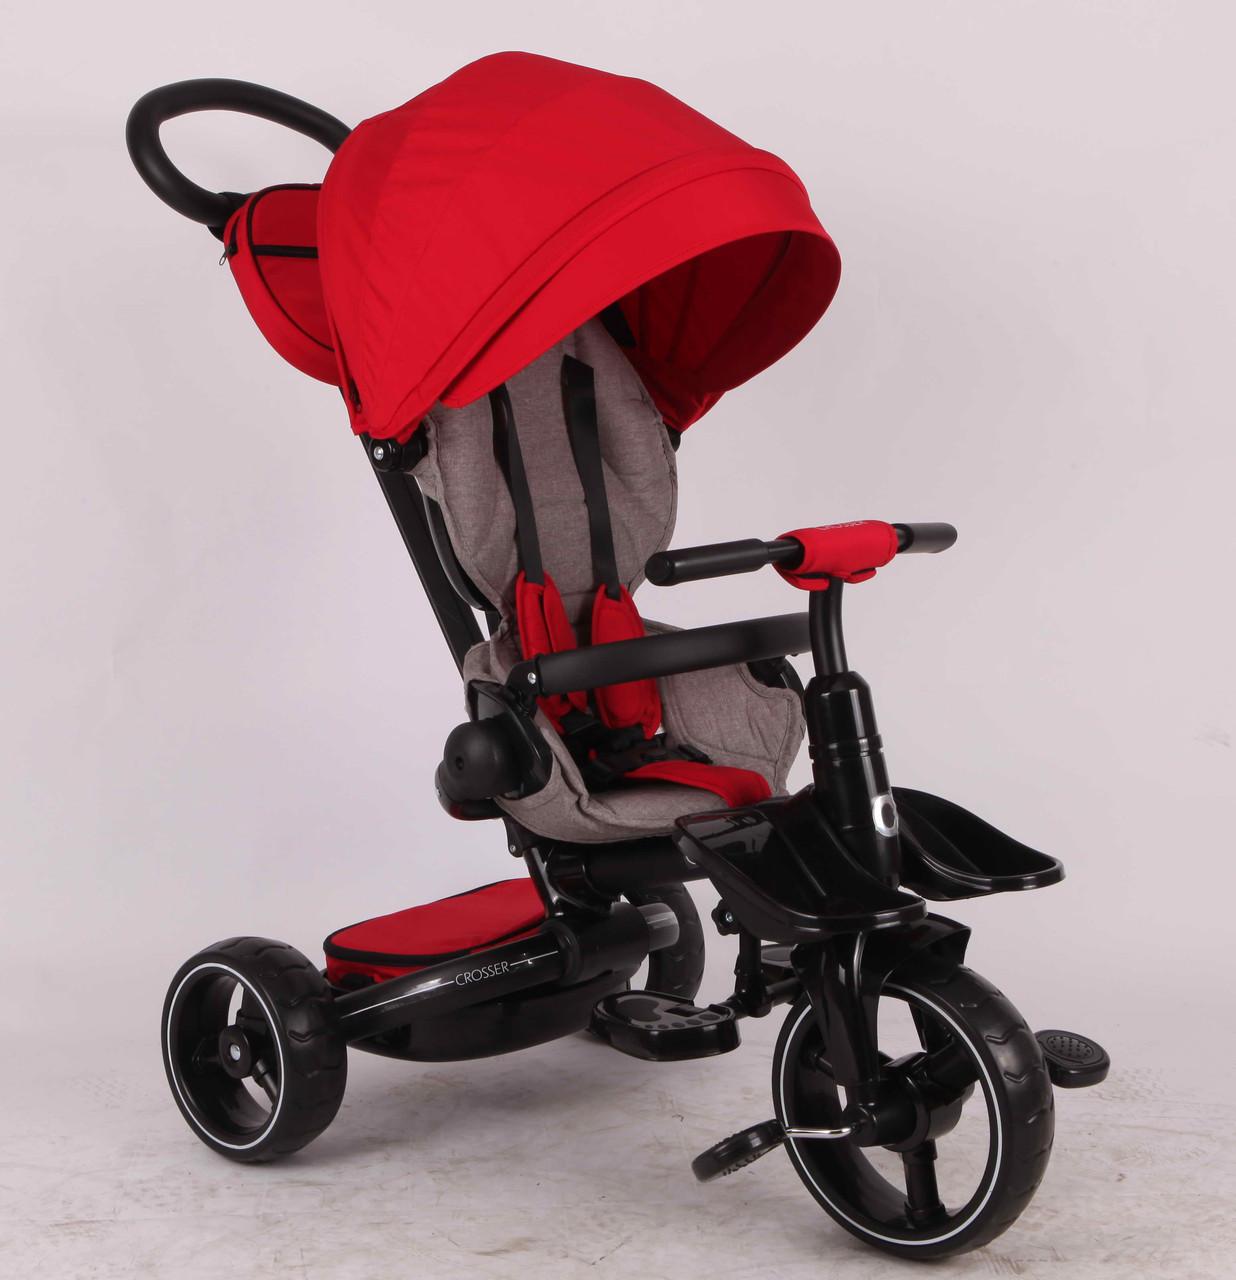 Велосипед-коляска Stokke Modi Crosser T 600 (6 в 1), красный ***